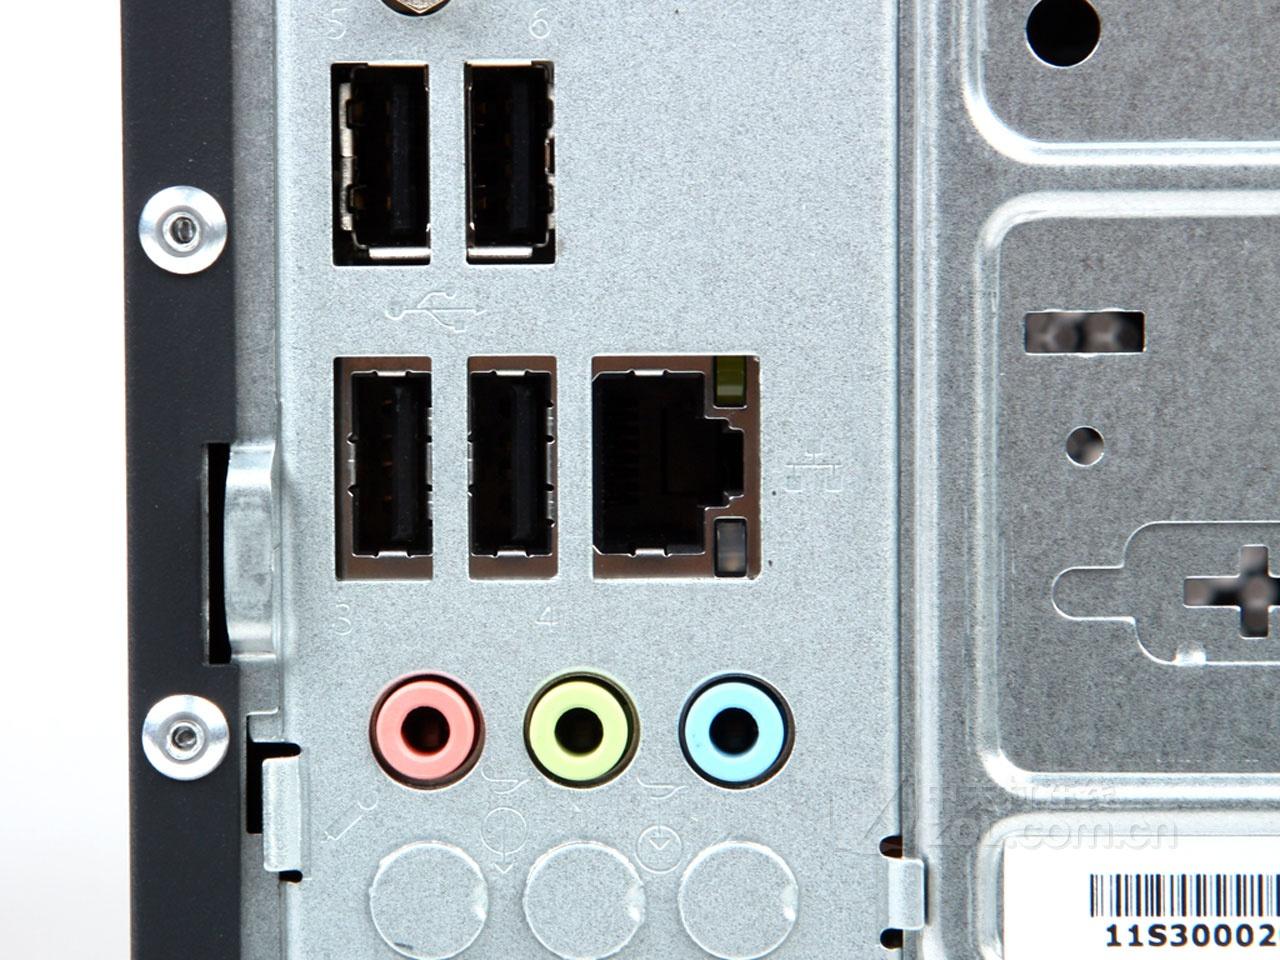 联想扬天 a6800k主机细节 第31张  (800x600); 云服务平台联想扬天a